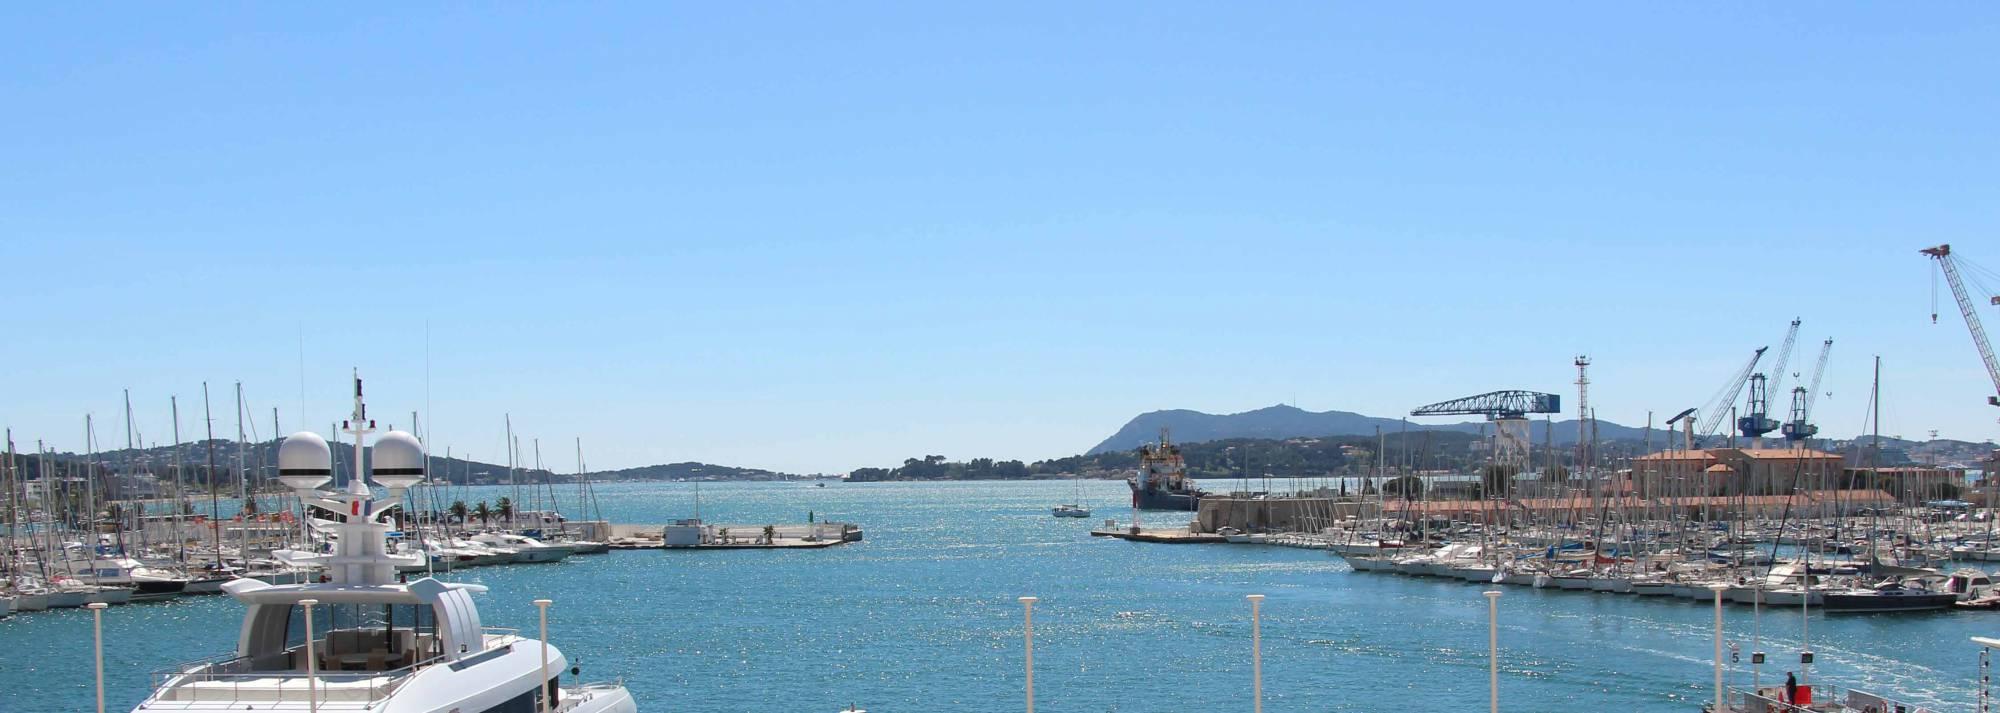 Location de vacances sur le port de toulon toulon tourisme - Office de tourisme la valette du var ...